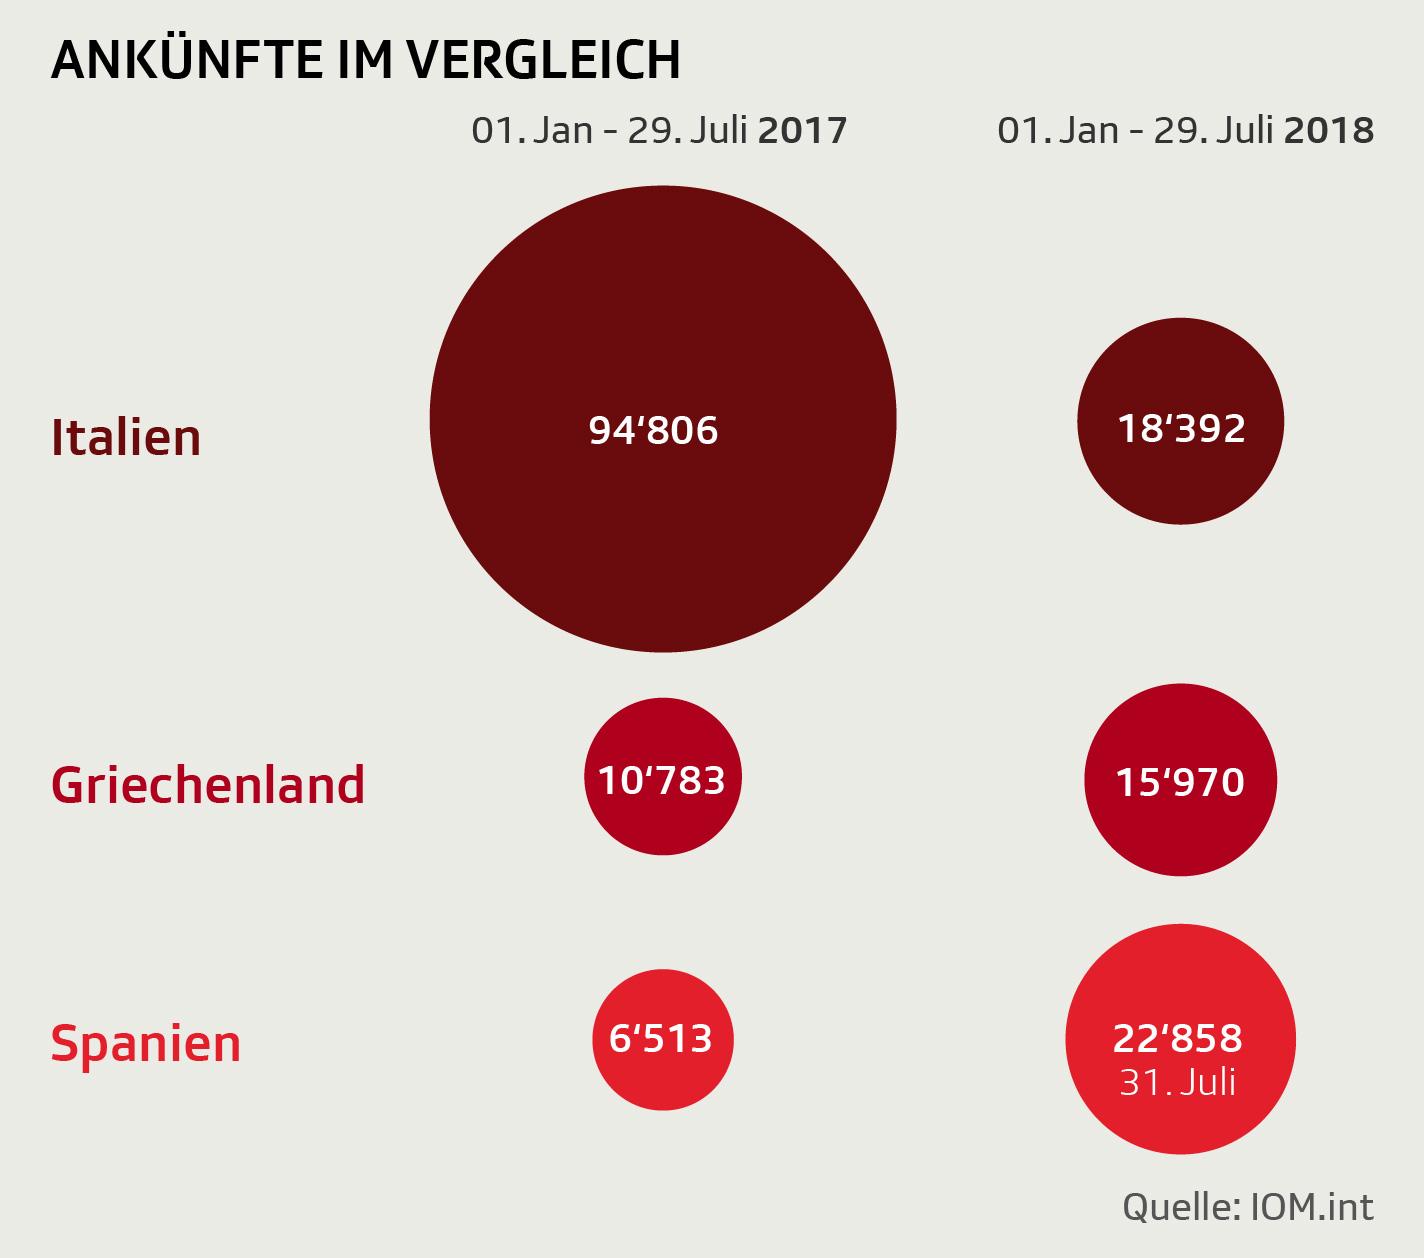 Migration der südlichen EU-Länder im Vergleich